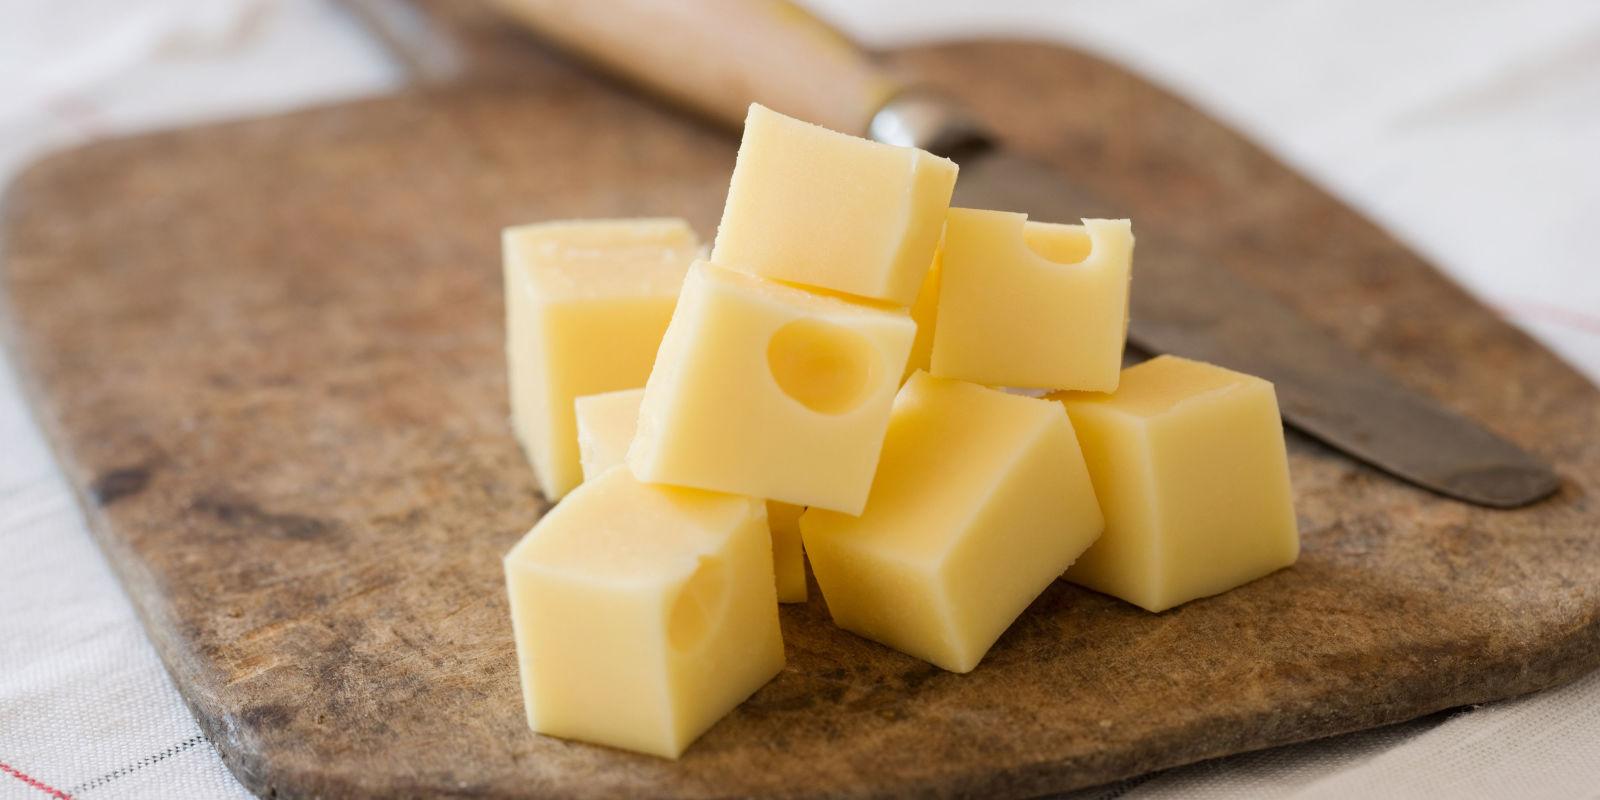 К чему снится сыр, если во сне ешь сыр – будешь счастлив? Основные толкования разных сонников: к чему снится сыр - Автор Екатерина Данилова